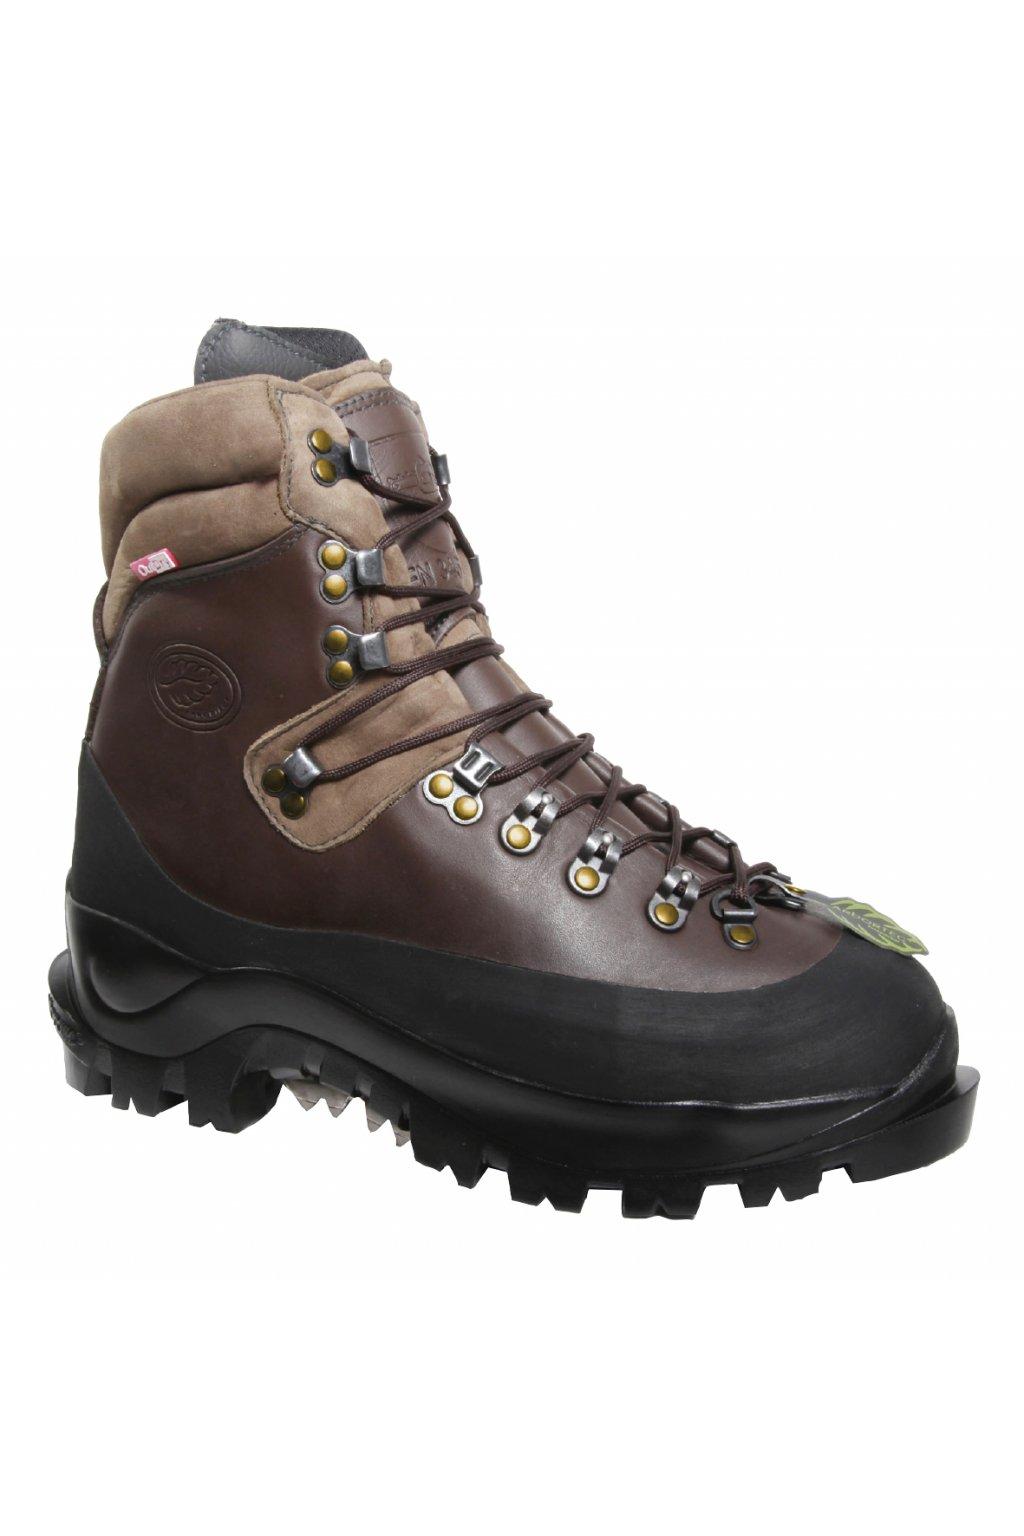 Protipořezová obuv Scafell Boot Class 2 hnědá